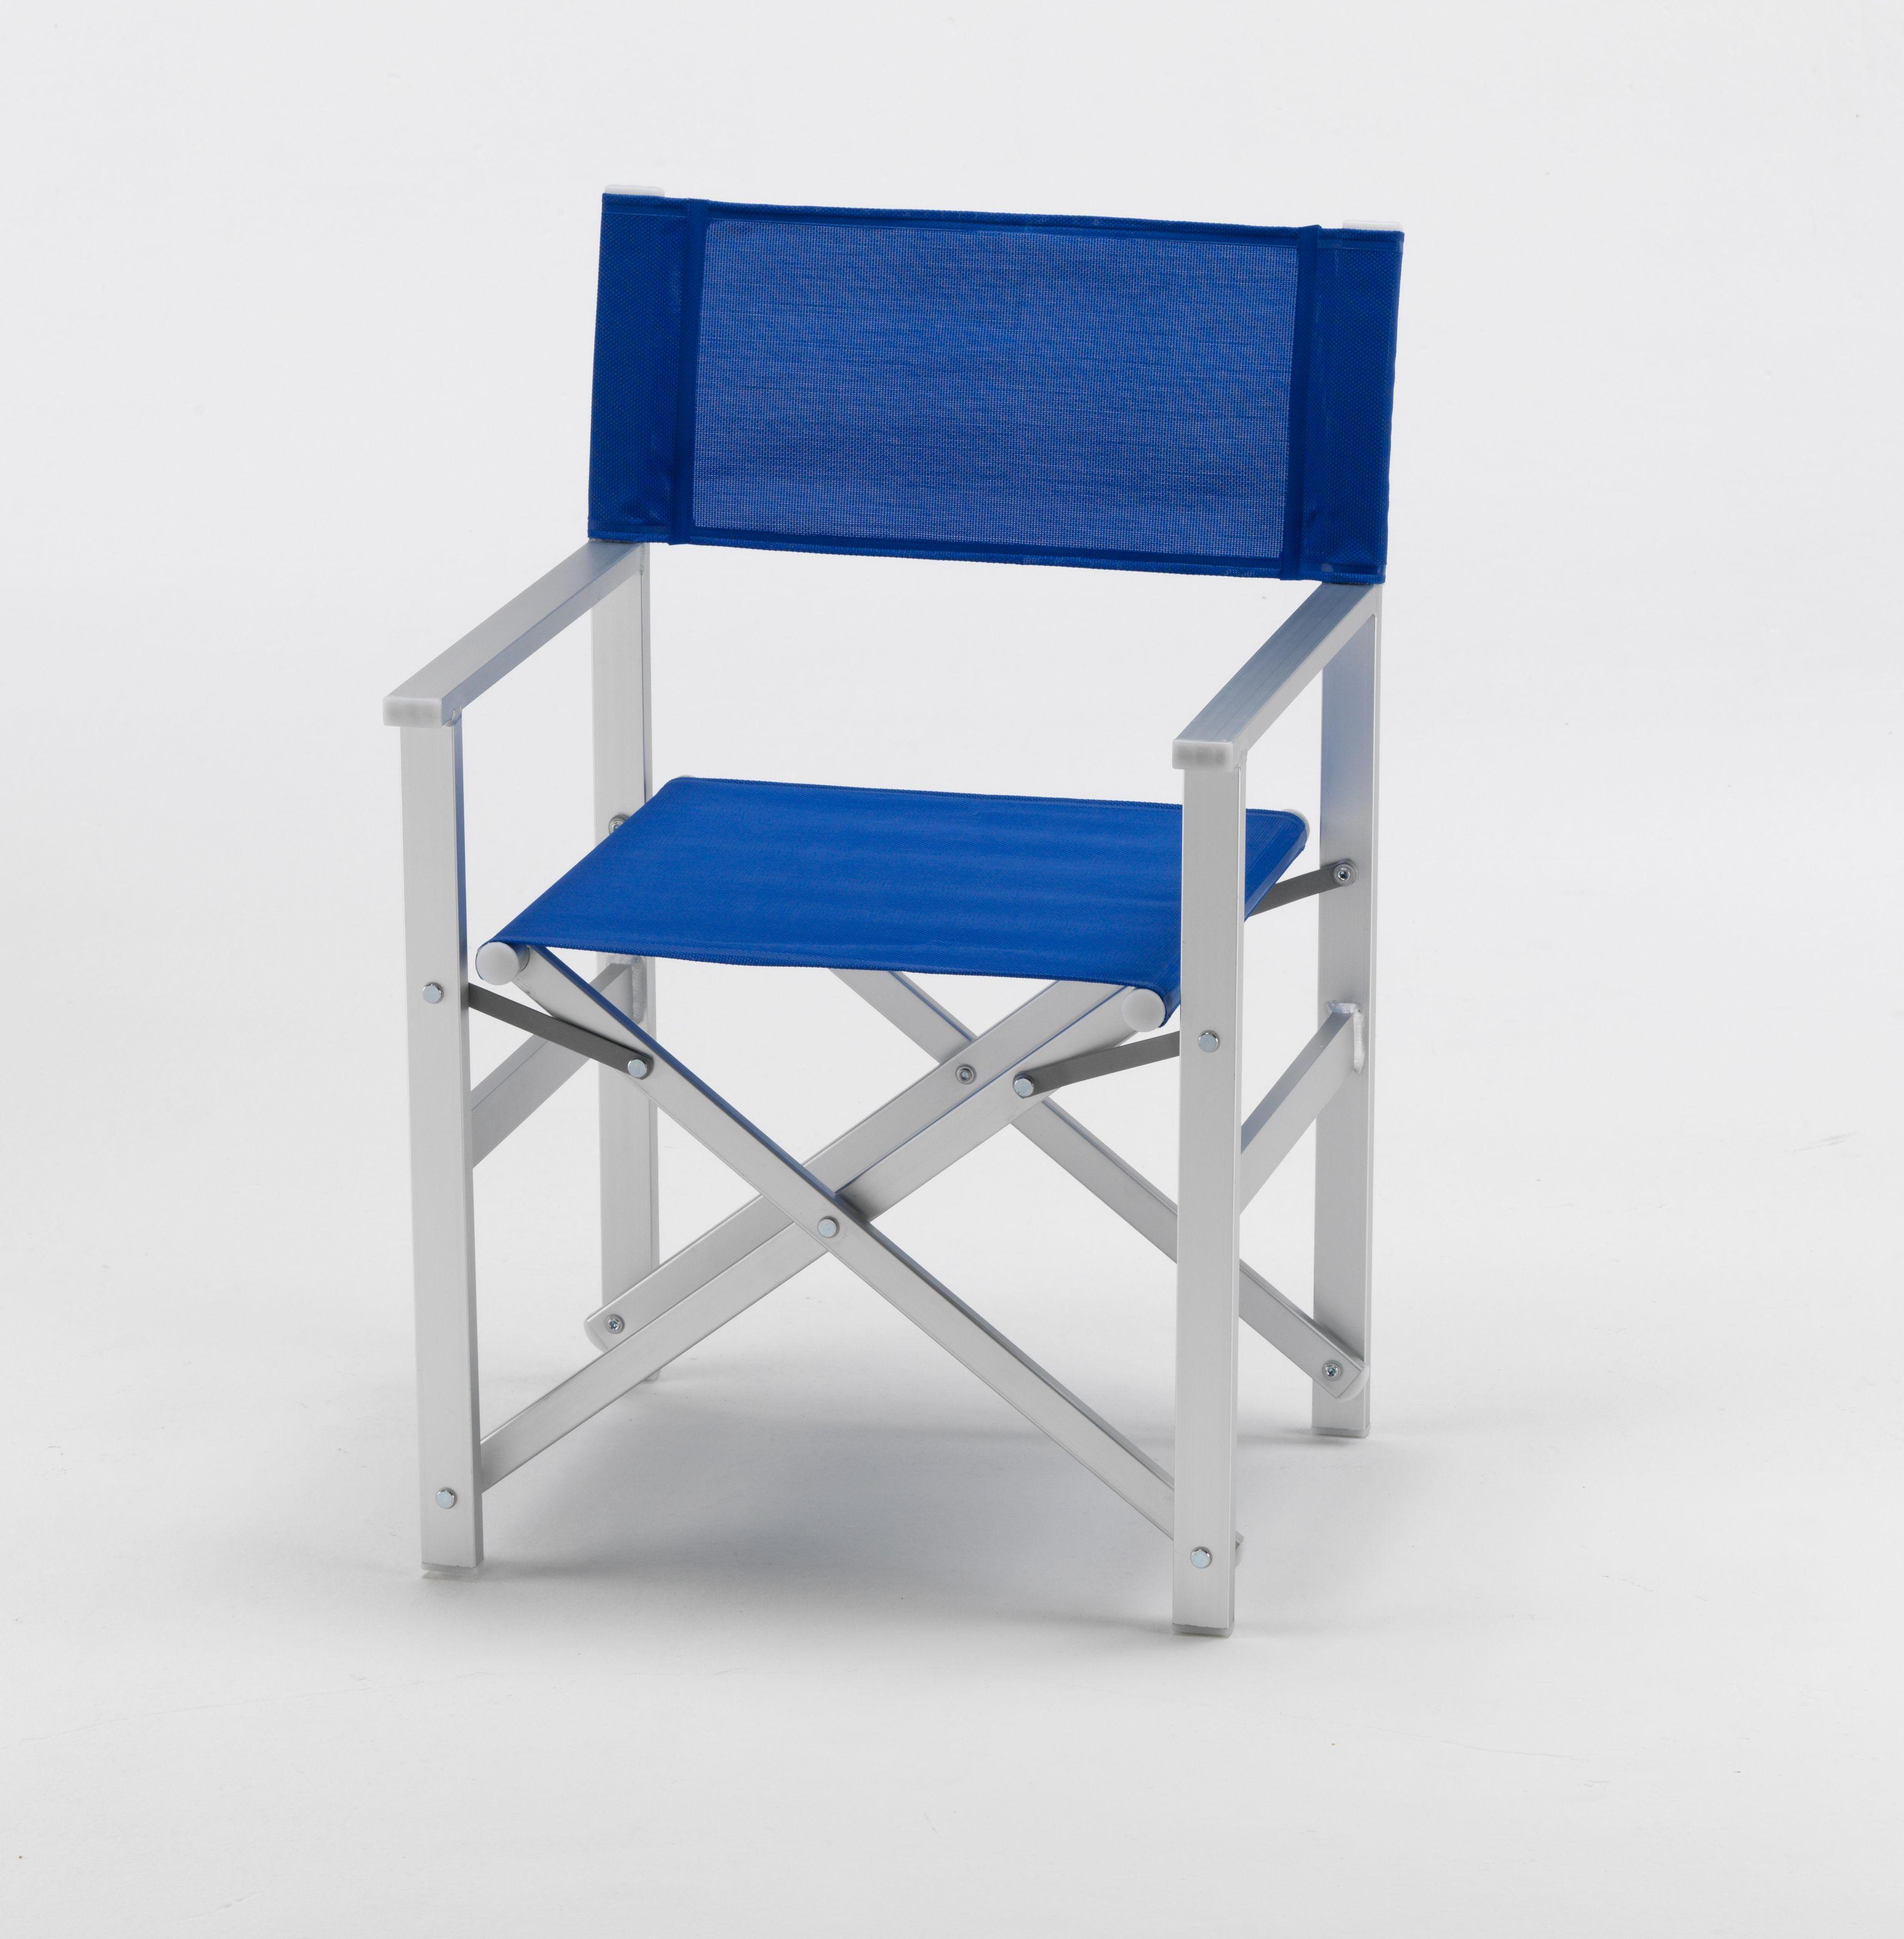 Chaise Transat Style Regisseur De Plage Pliante Aluminium Textilene Lusso Chaise De Camping Chaise Transat Chaise De Plage Pliante